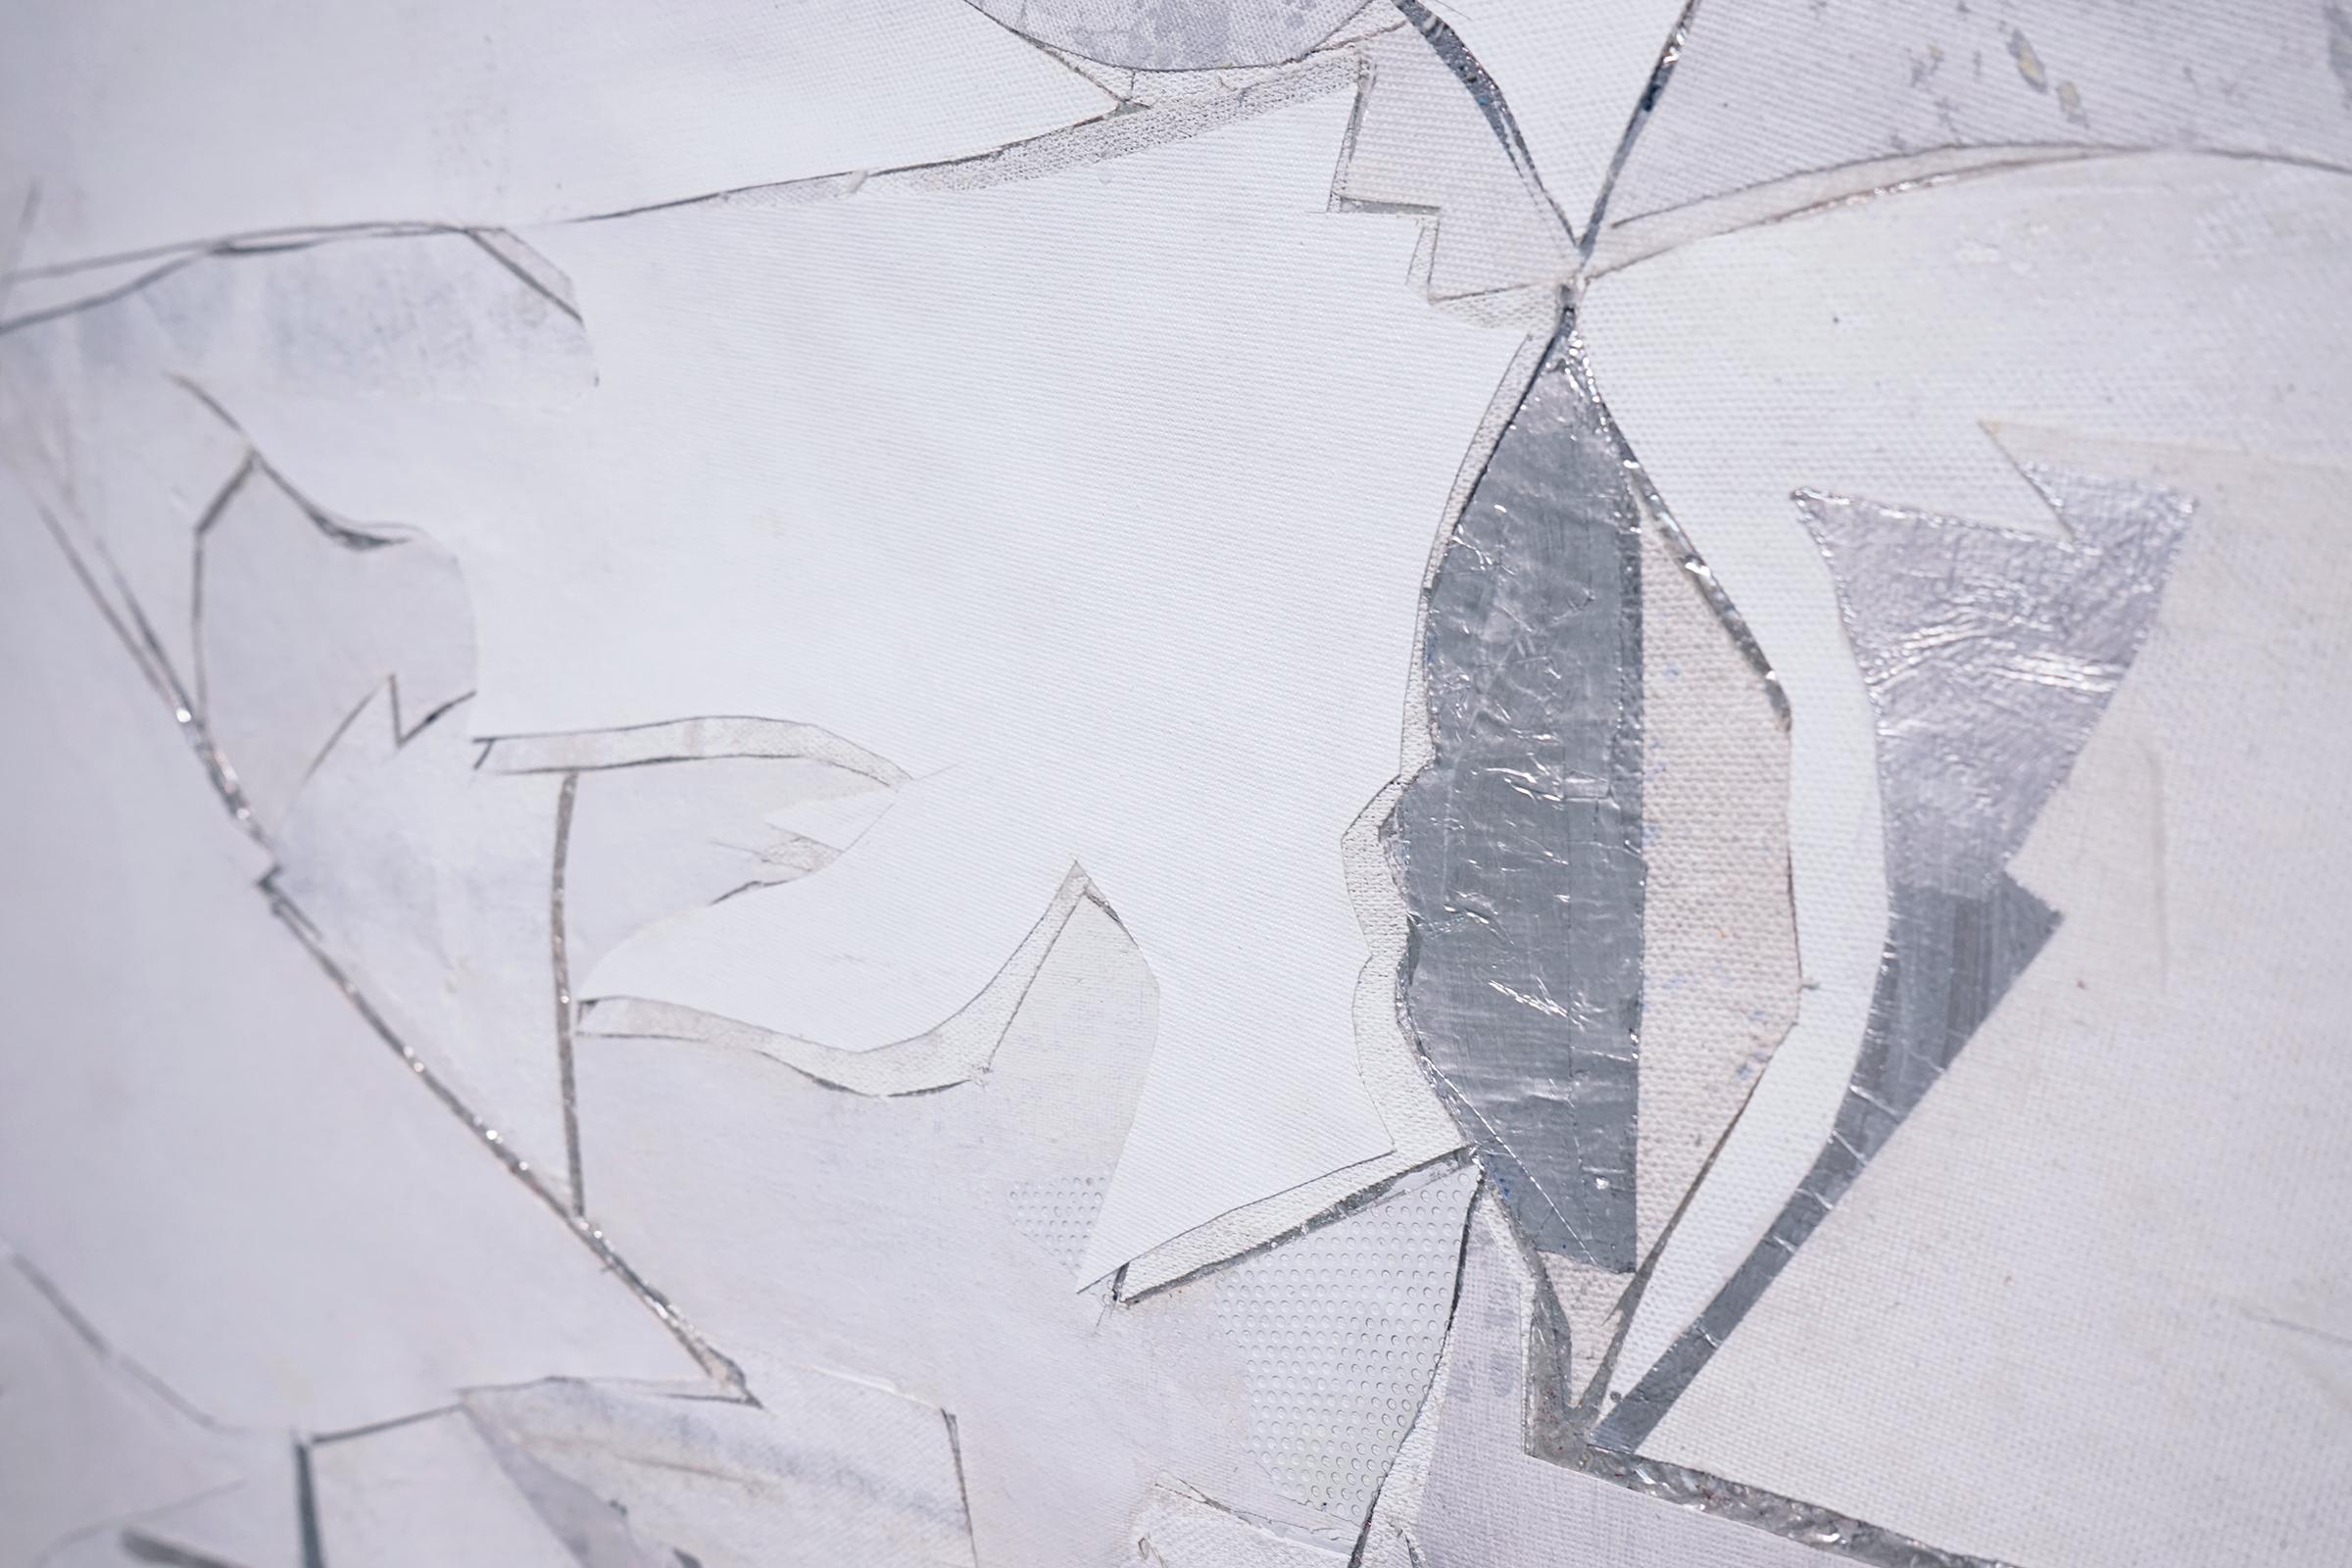 """RYAN WALLACE  (detail) Lenakaeia 2 , enamel, acrylic, canvas, linen, aluminum, fiberglass, 48"""" x 58"""", 2017"""